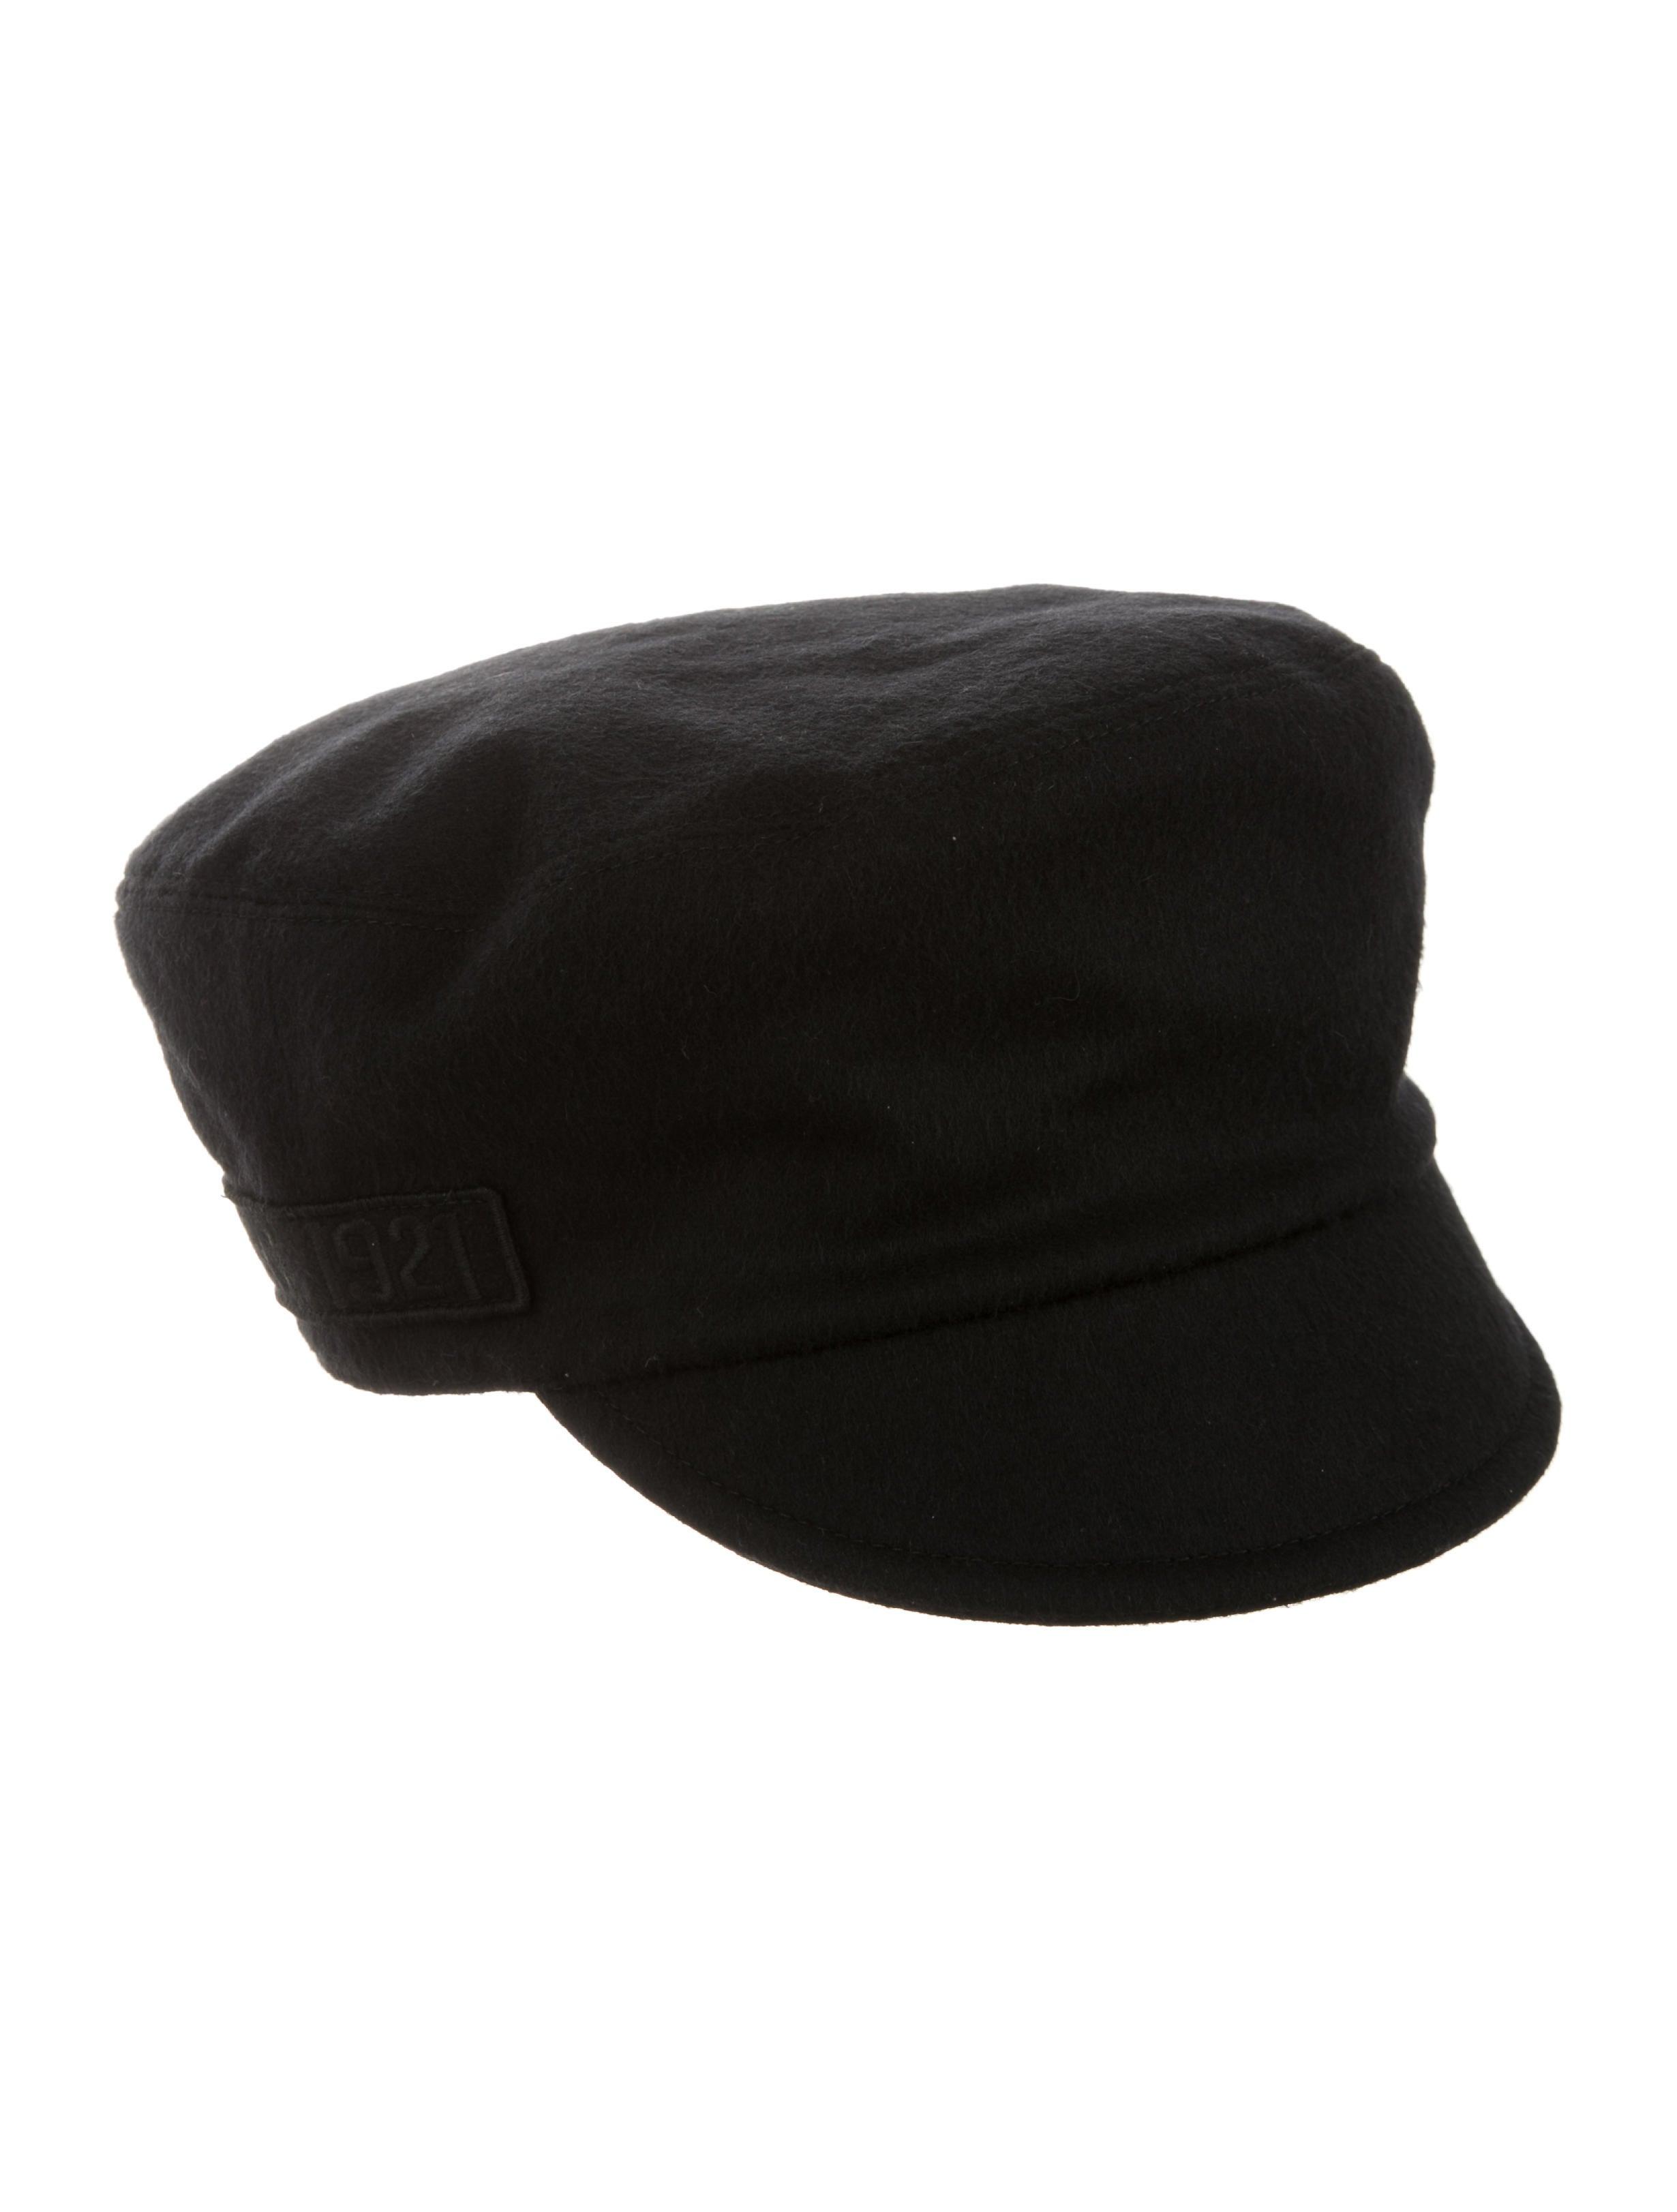 Gucci Wool Military Cap w  Tags - Accessories - GUC115601  b8d44419c